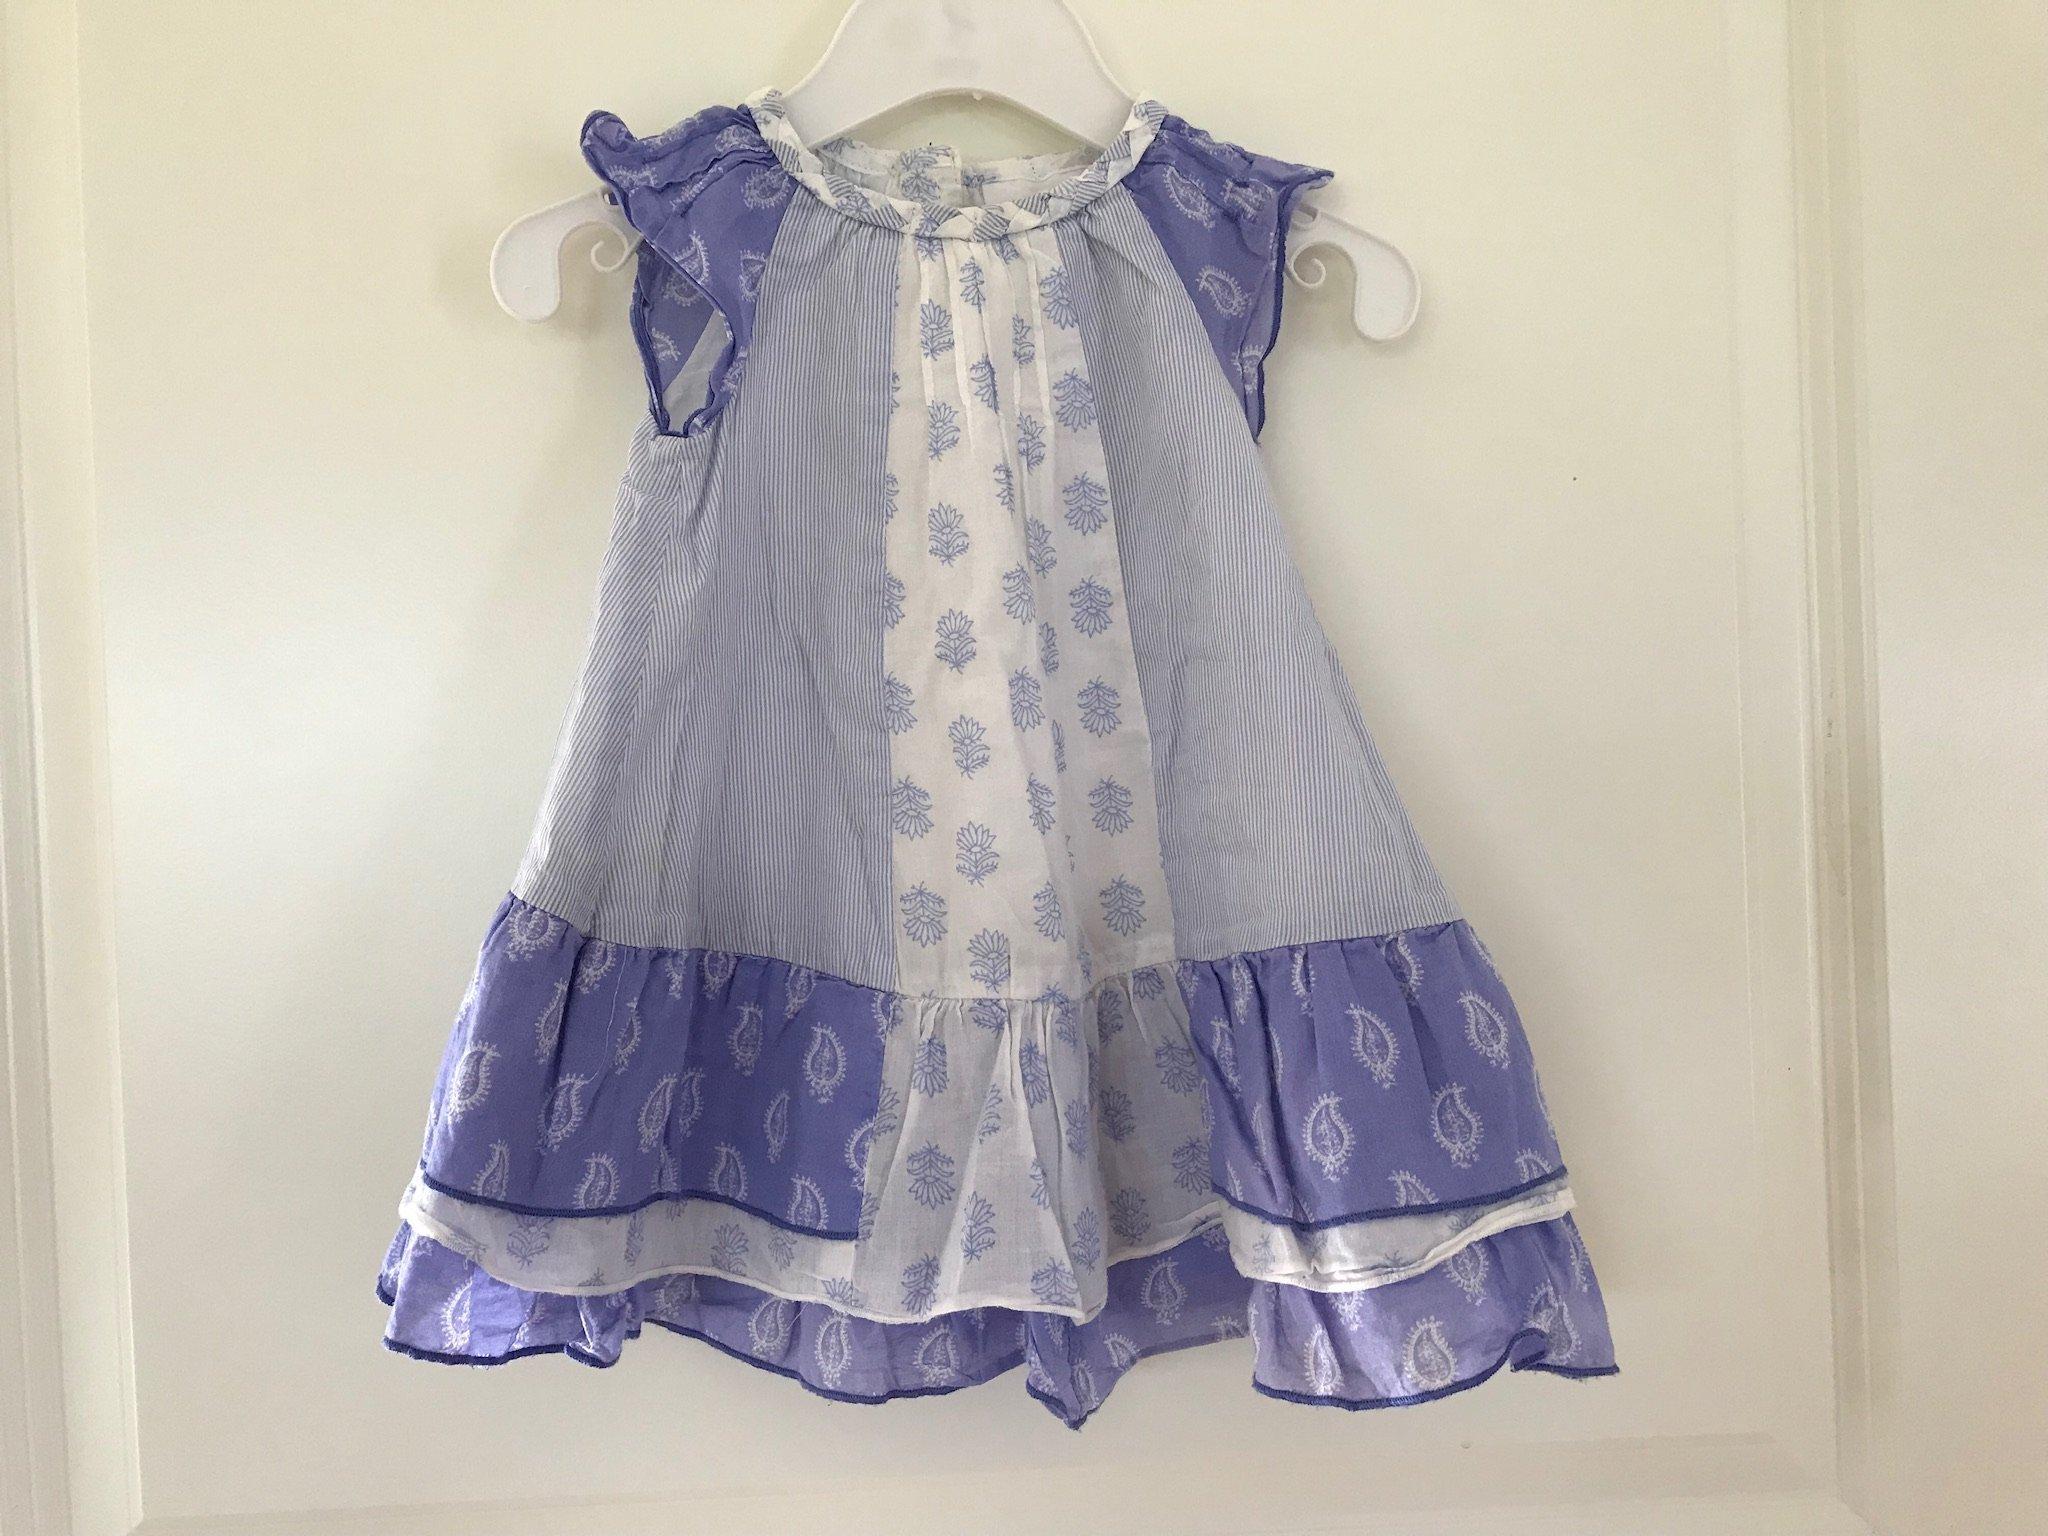 9627d28c86e3 Mjuk och fin klänning i storlek 68 från Baby by.. (354963865) ᐈ Köp ...